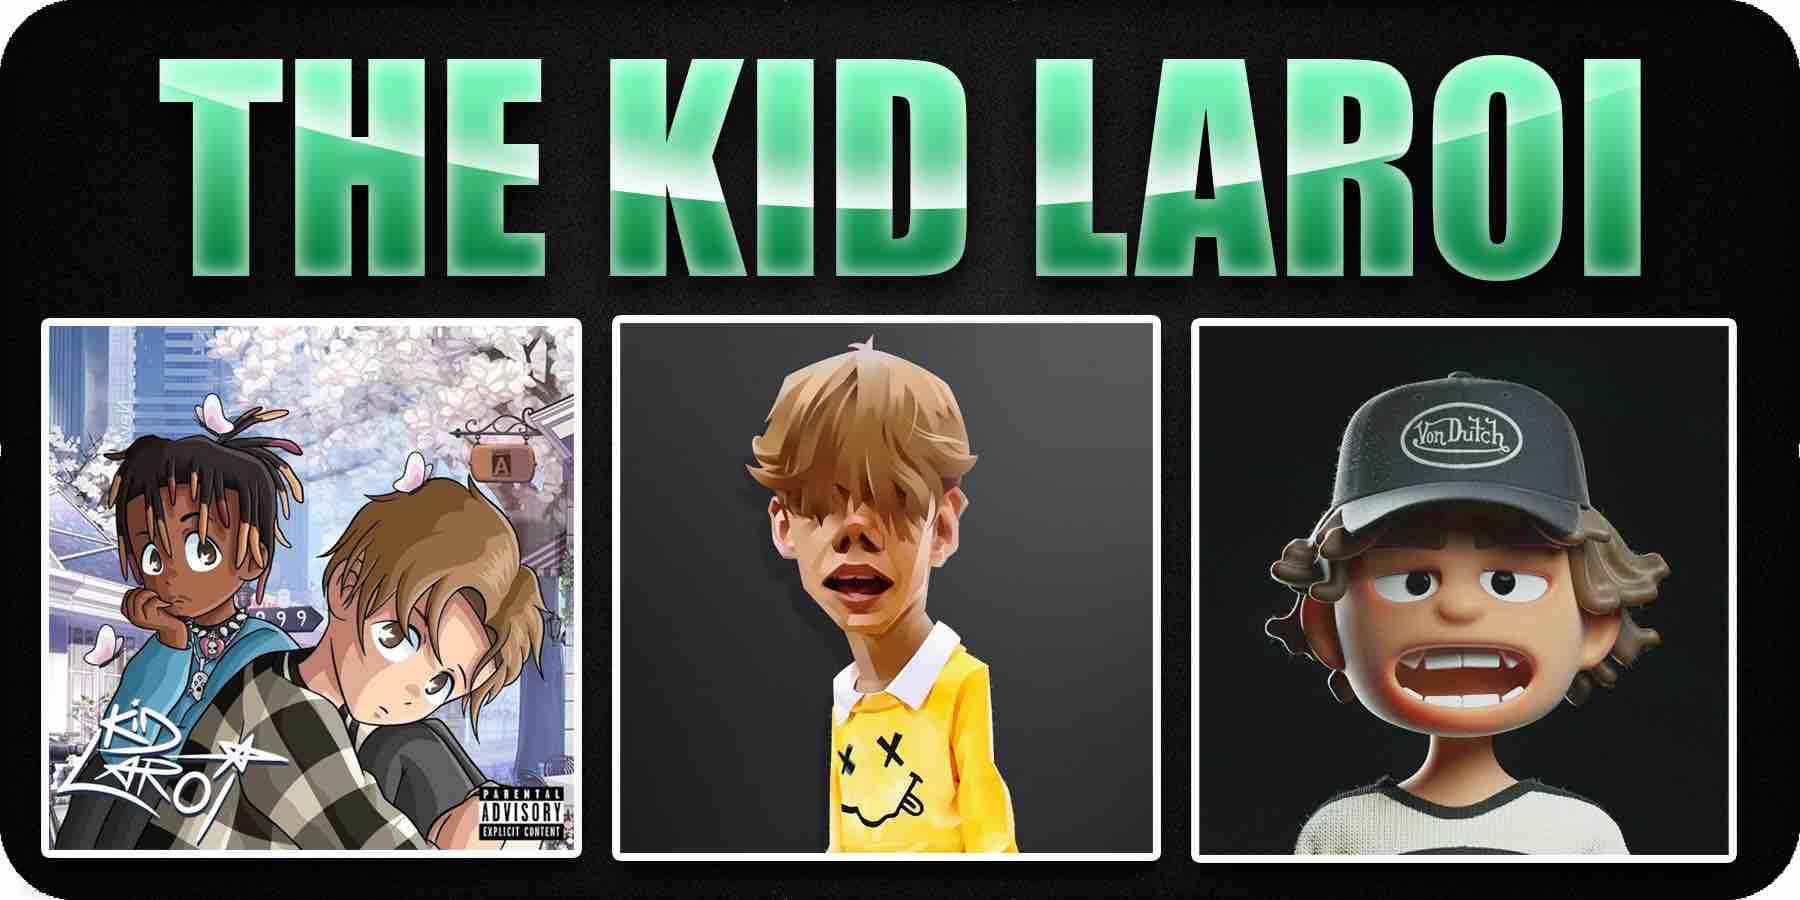 The Kid Laroi Cartoon album cover art